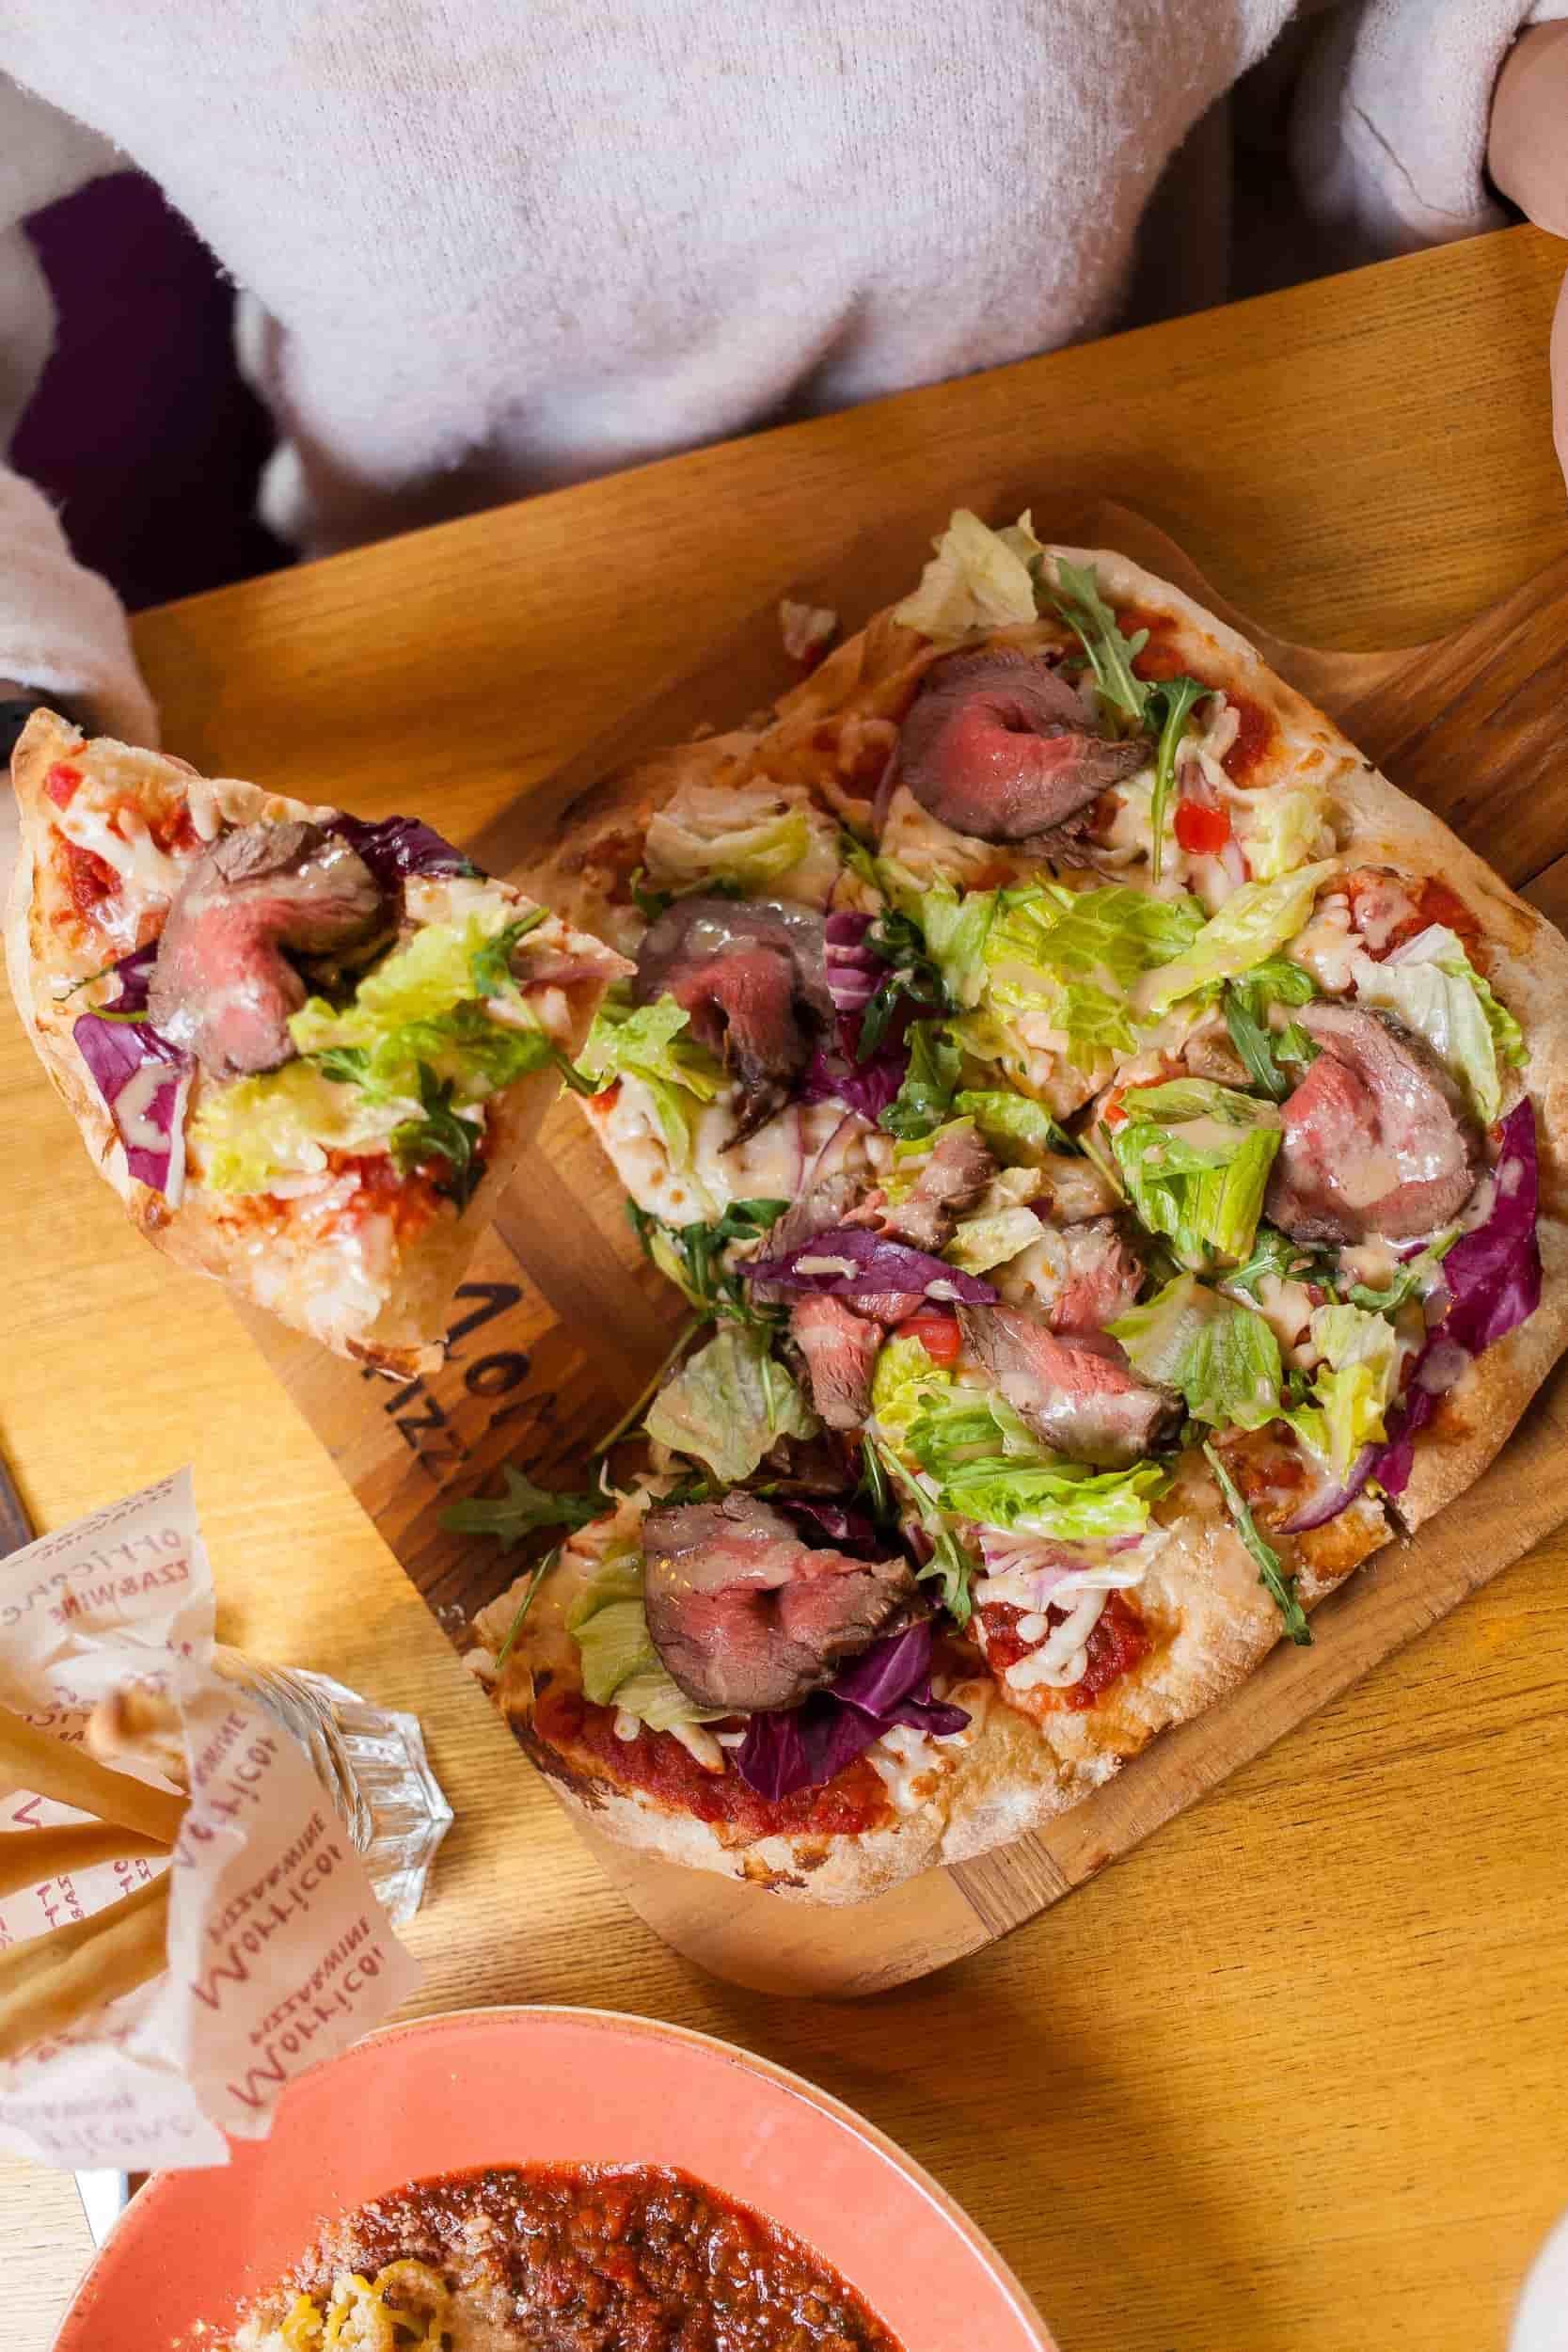 фото Ресторан Morricone Pizza&Wine даёт скидку на доставку римской пиццы – для этого нужно сделать предзаказ до 7 марта 3